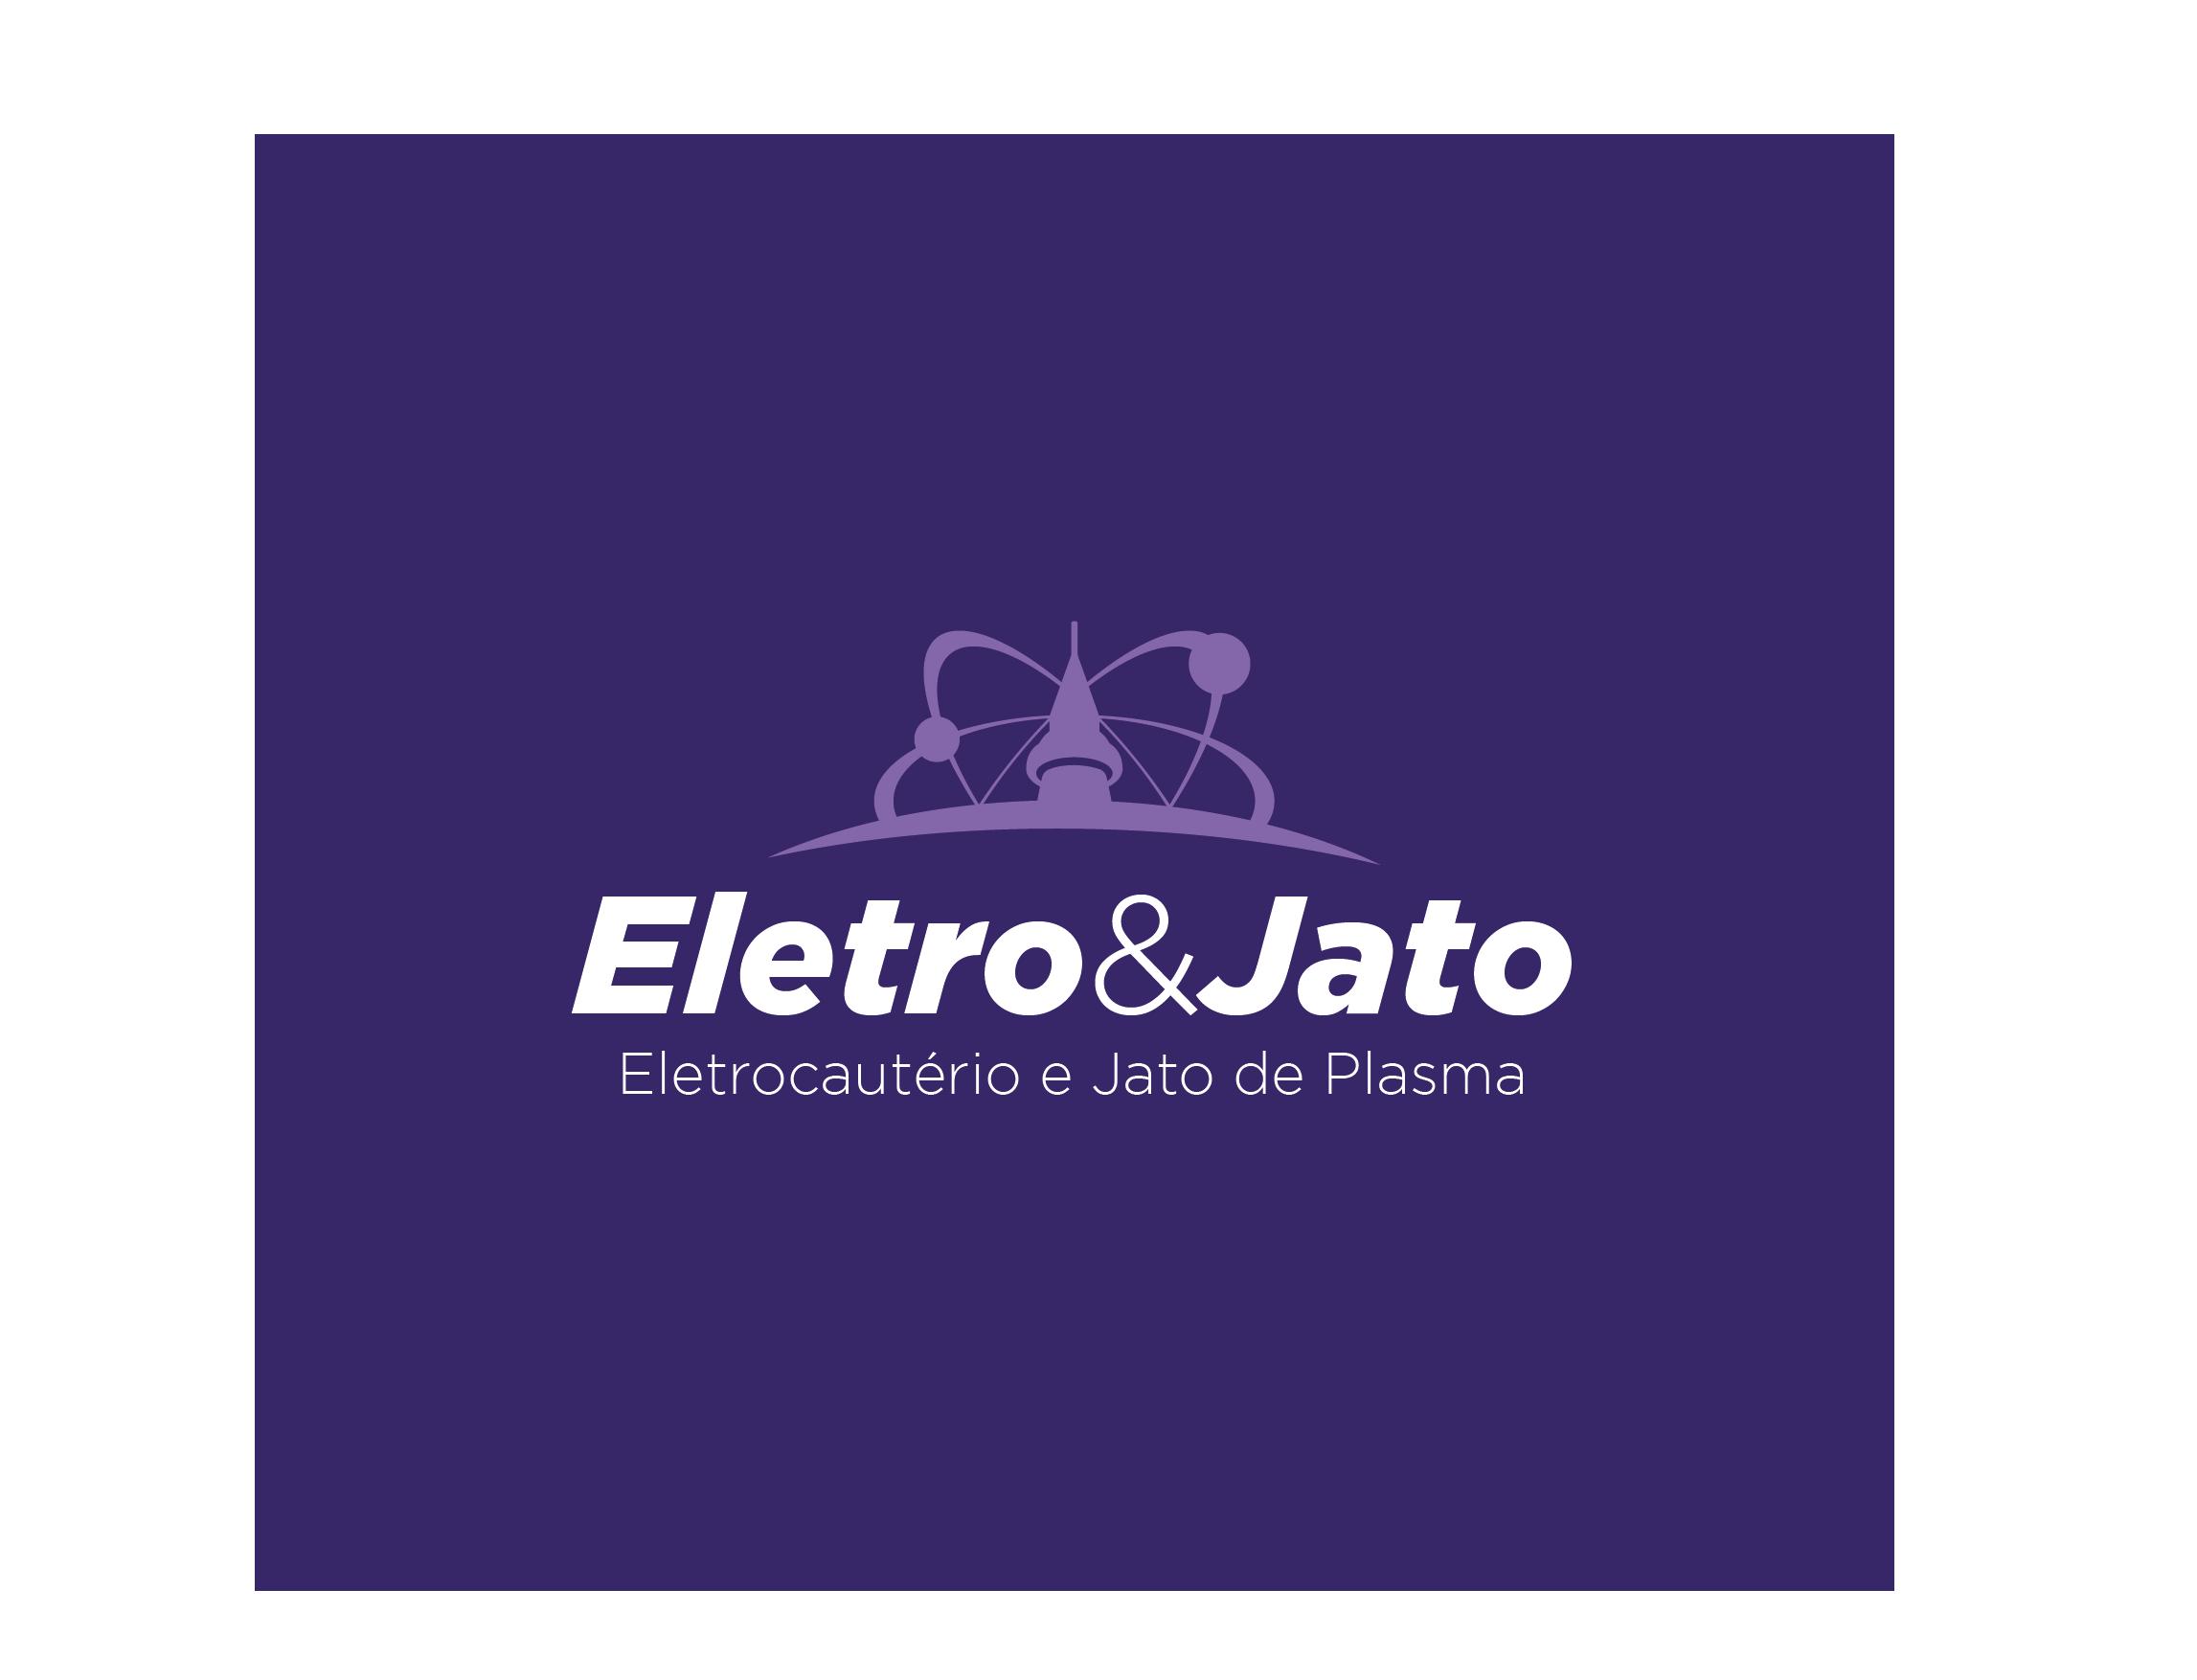 Eletro e Jato - Vila Velha/ES